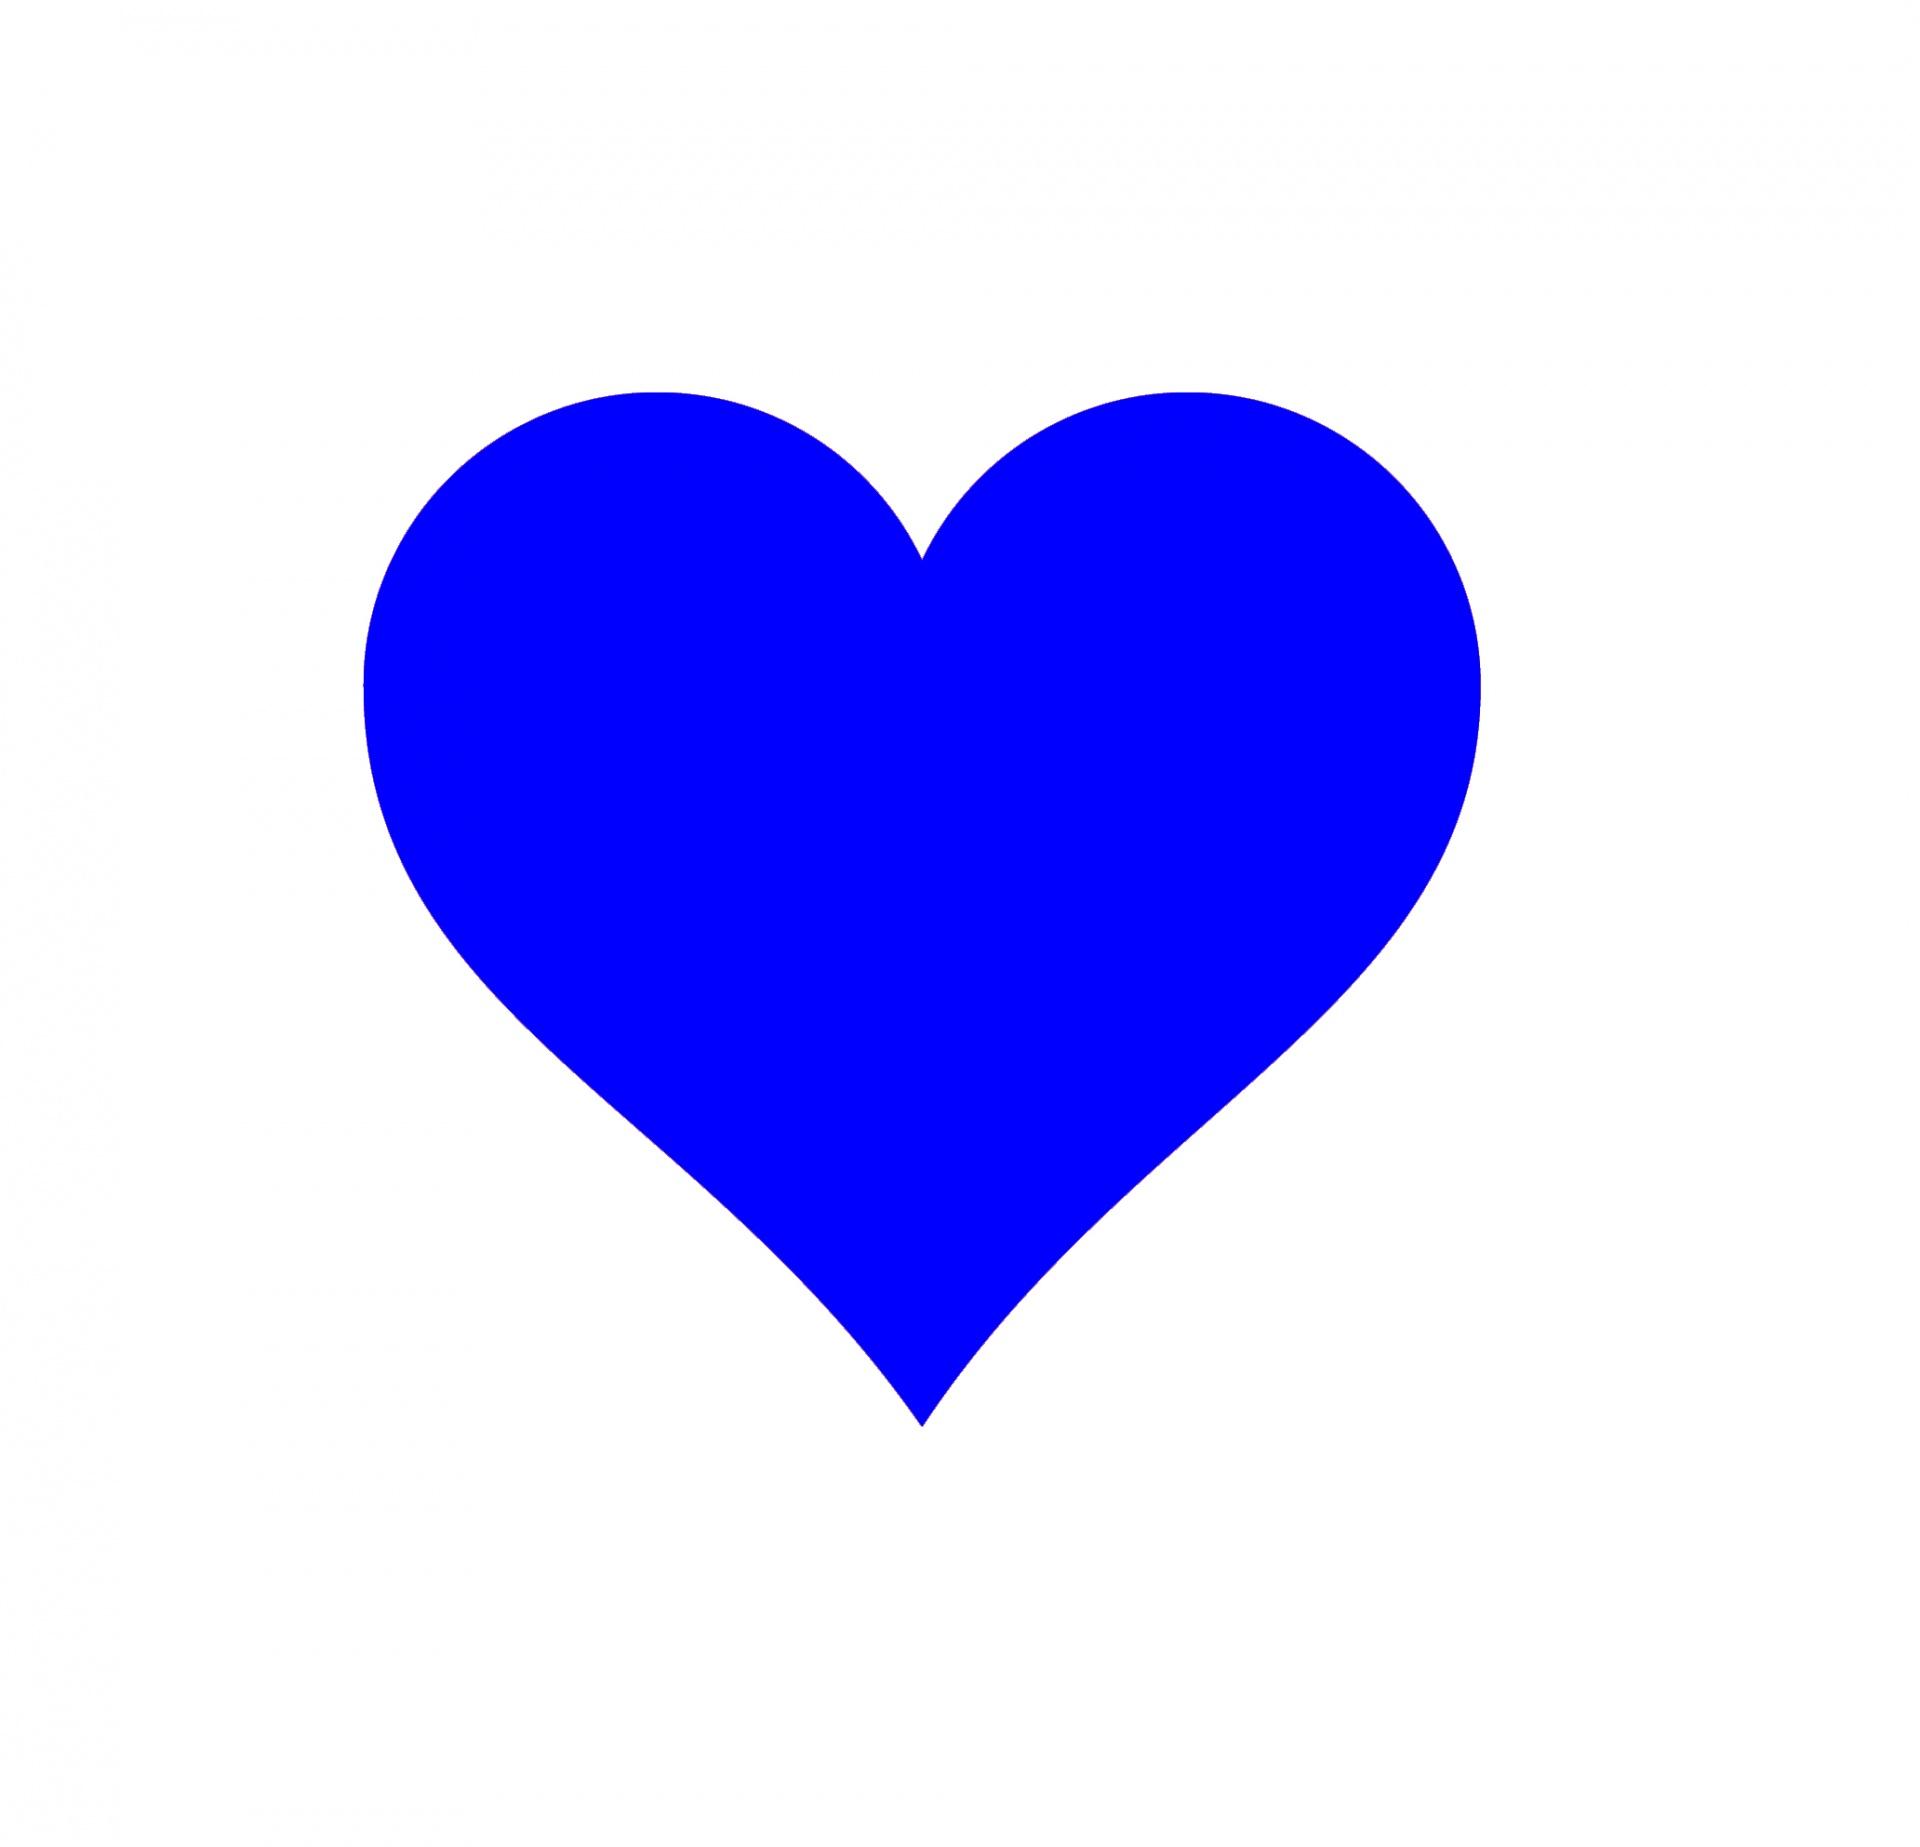 Širdis, širdis, vaizdas, mėlynas, mėlyna širdis - nemokamos ...